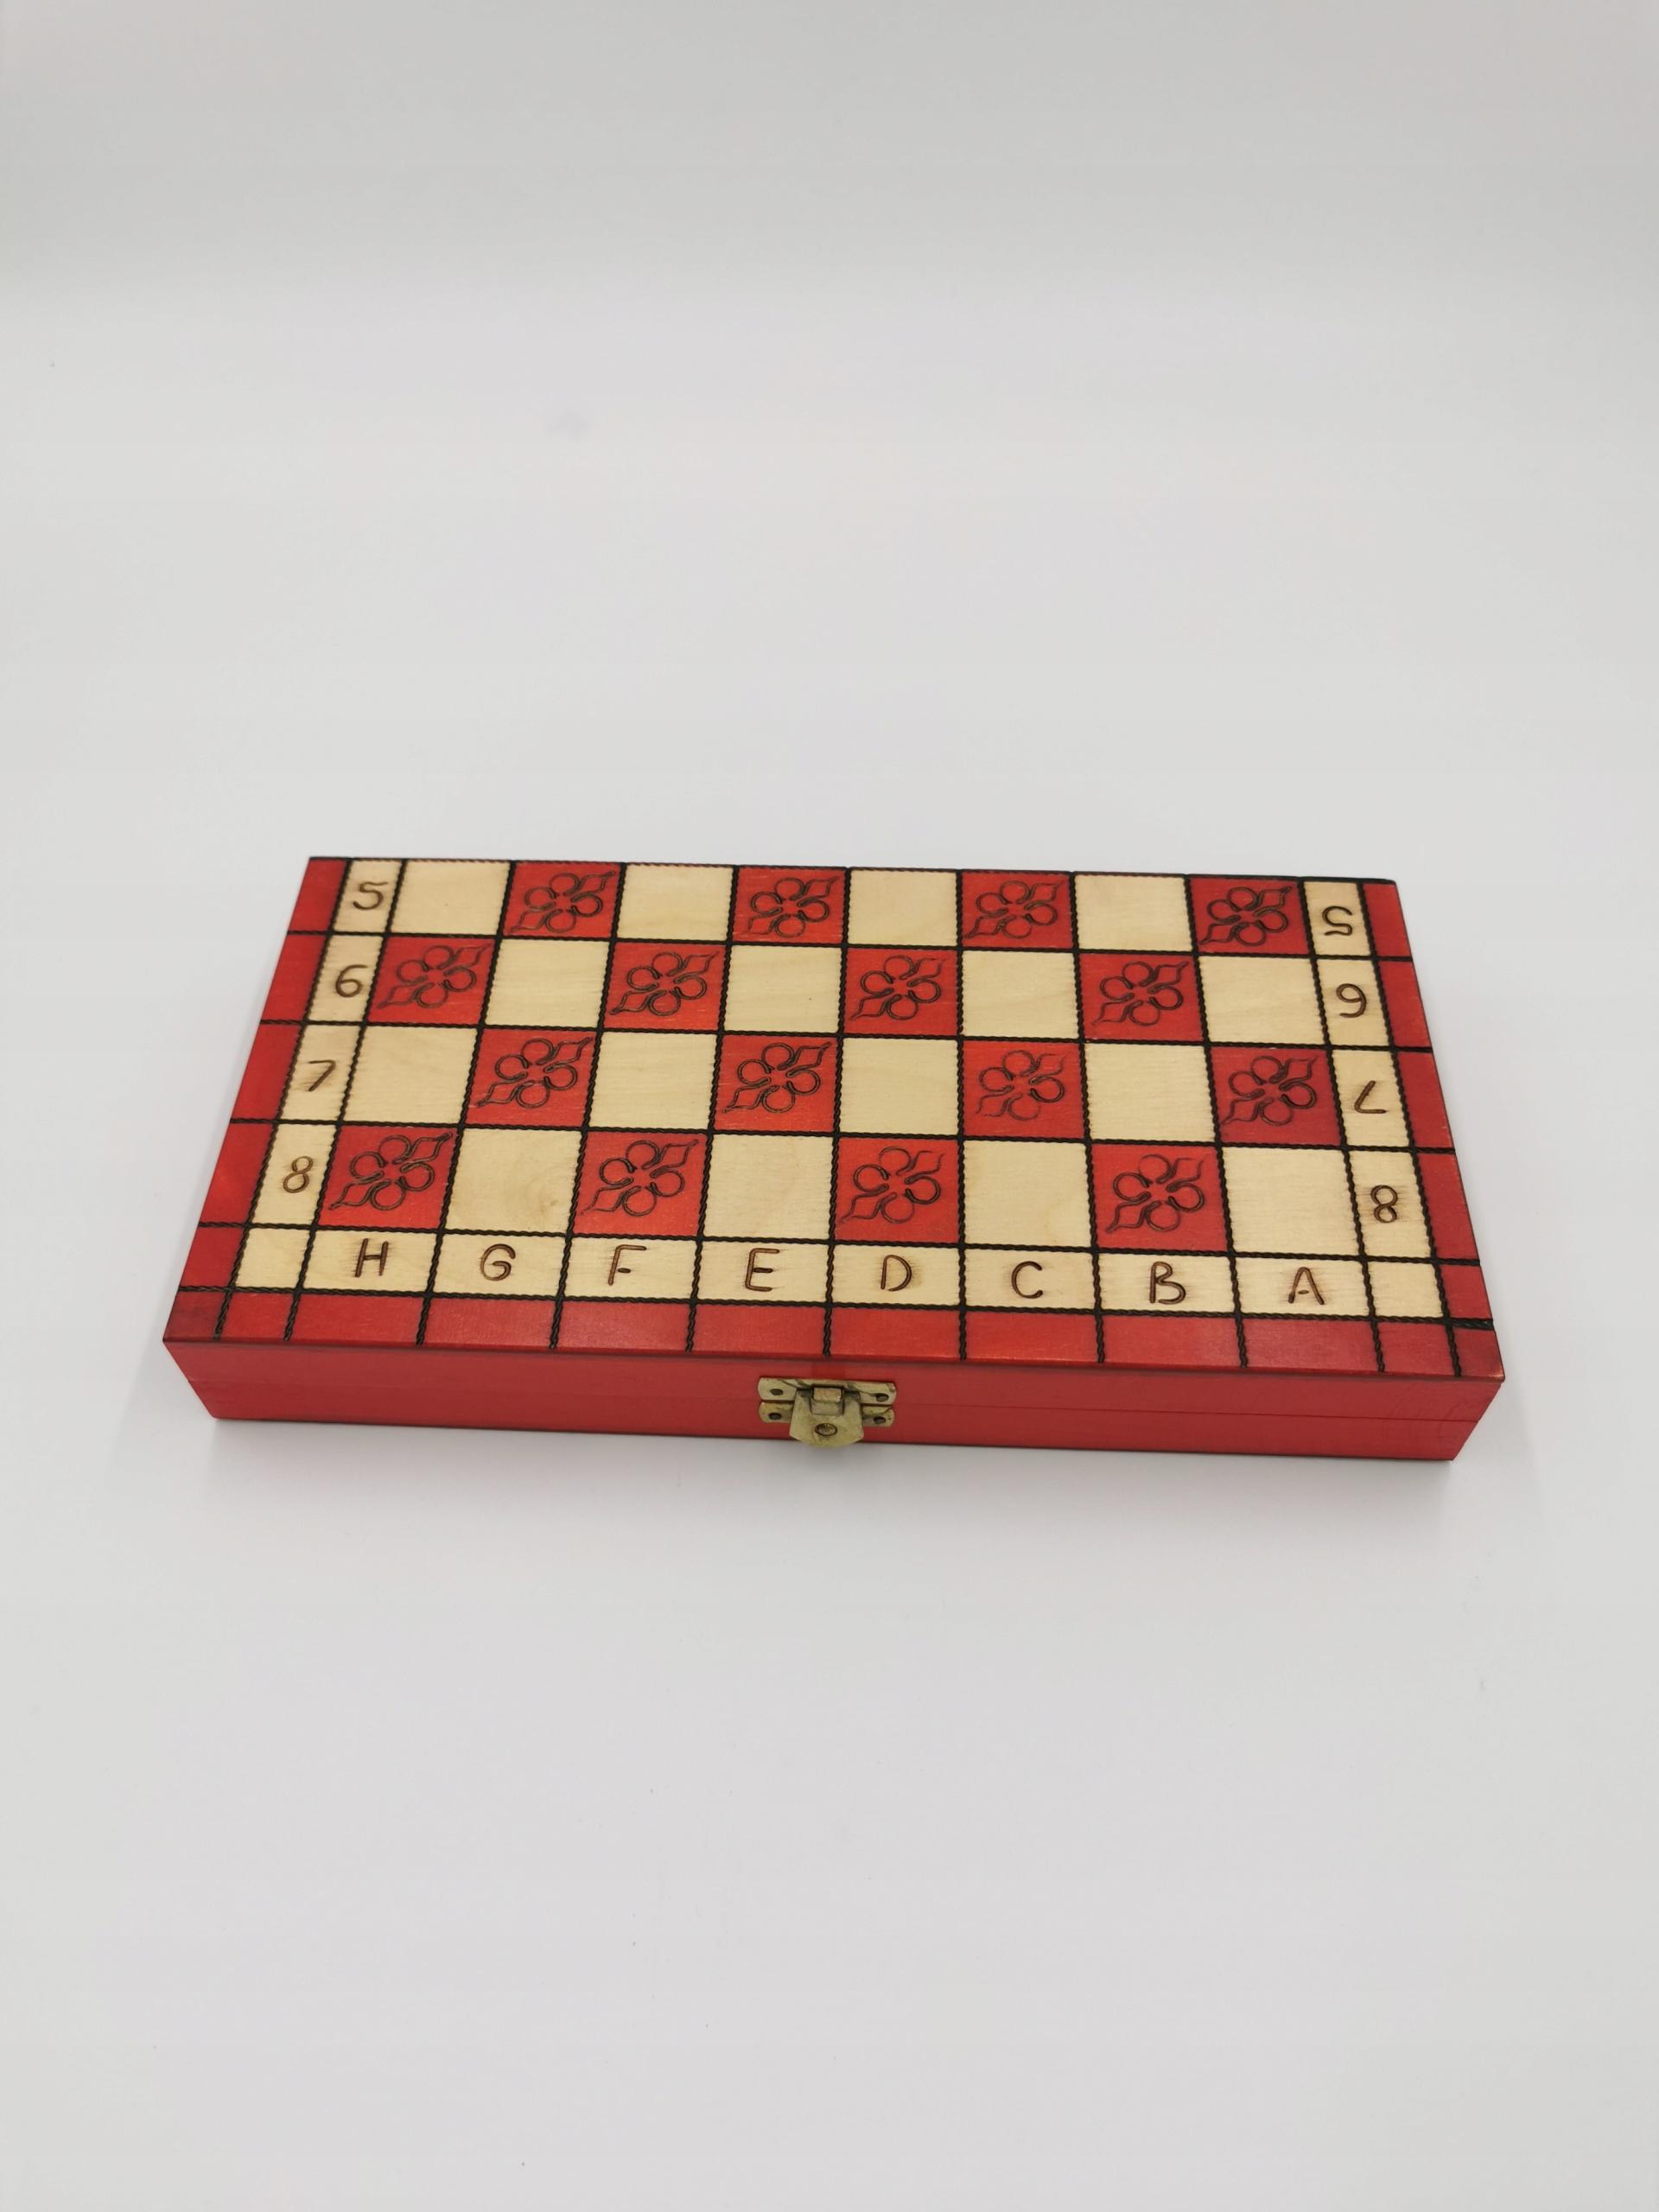 Tradycyjne szachy drewniane 29 cm czerwone Wiek gracza 3-4 lata 5-7 lat 8-11 lat 12-14 lat 15-18 lat 18+